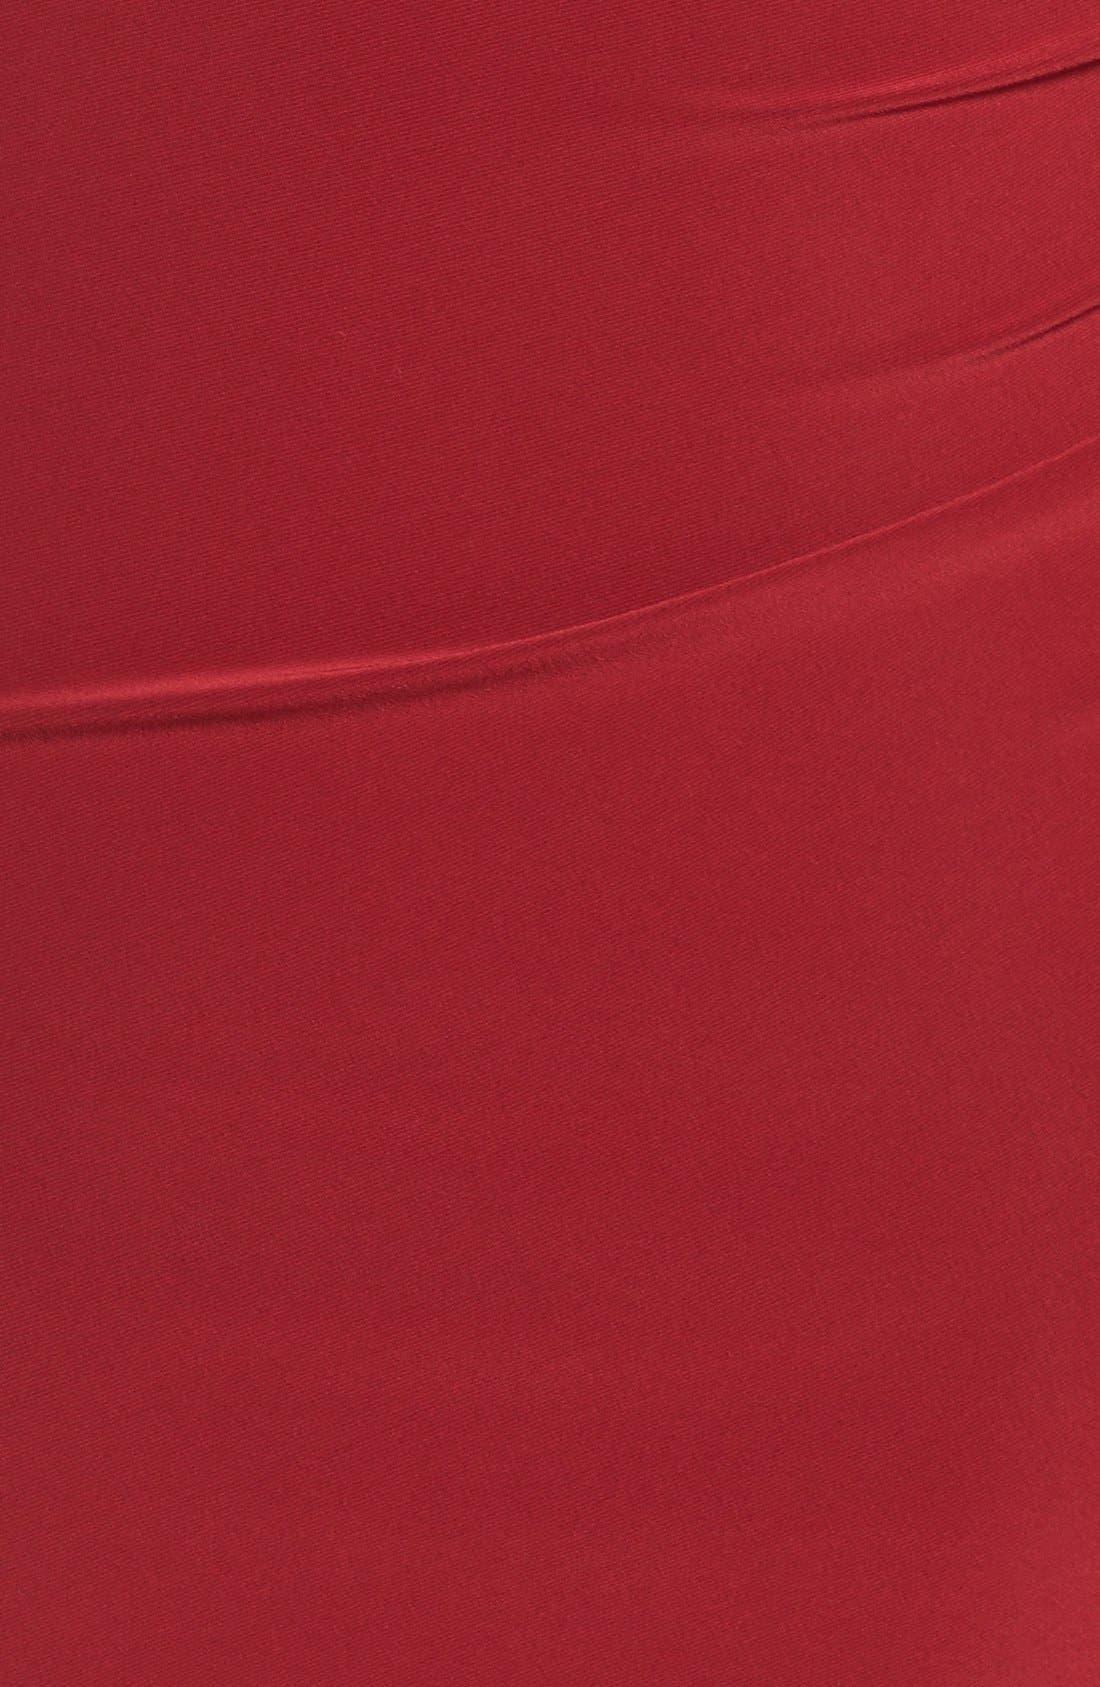 Embellished Drape Back Jersey Cocktail Dress,                             Alternate thumbnail 6, color,                             606